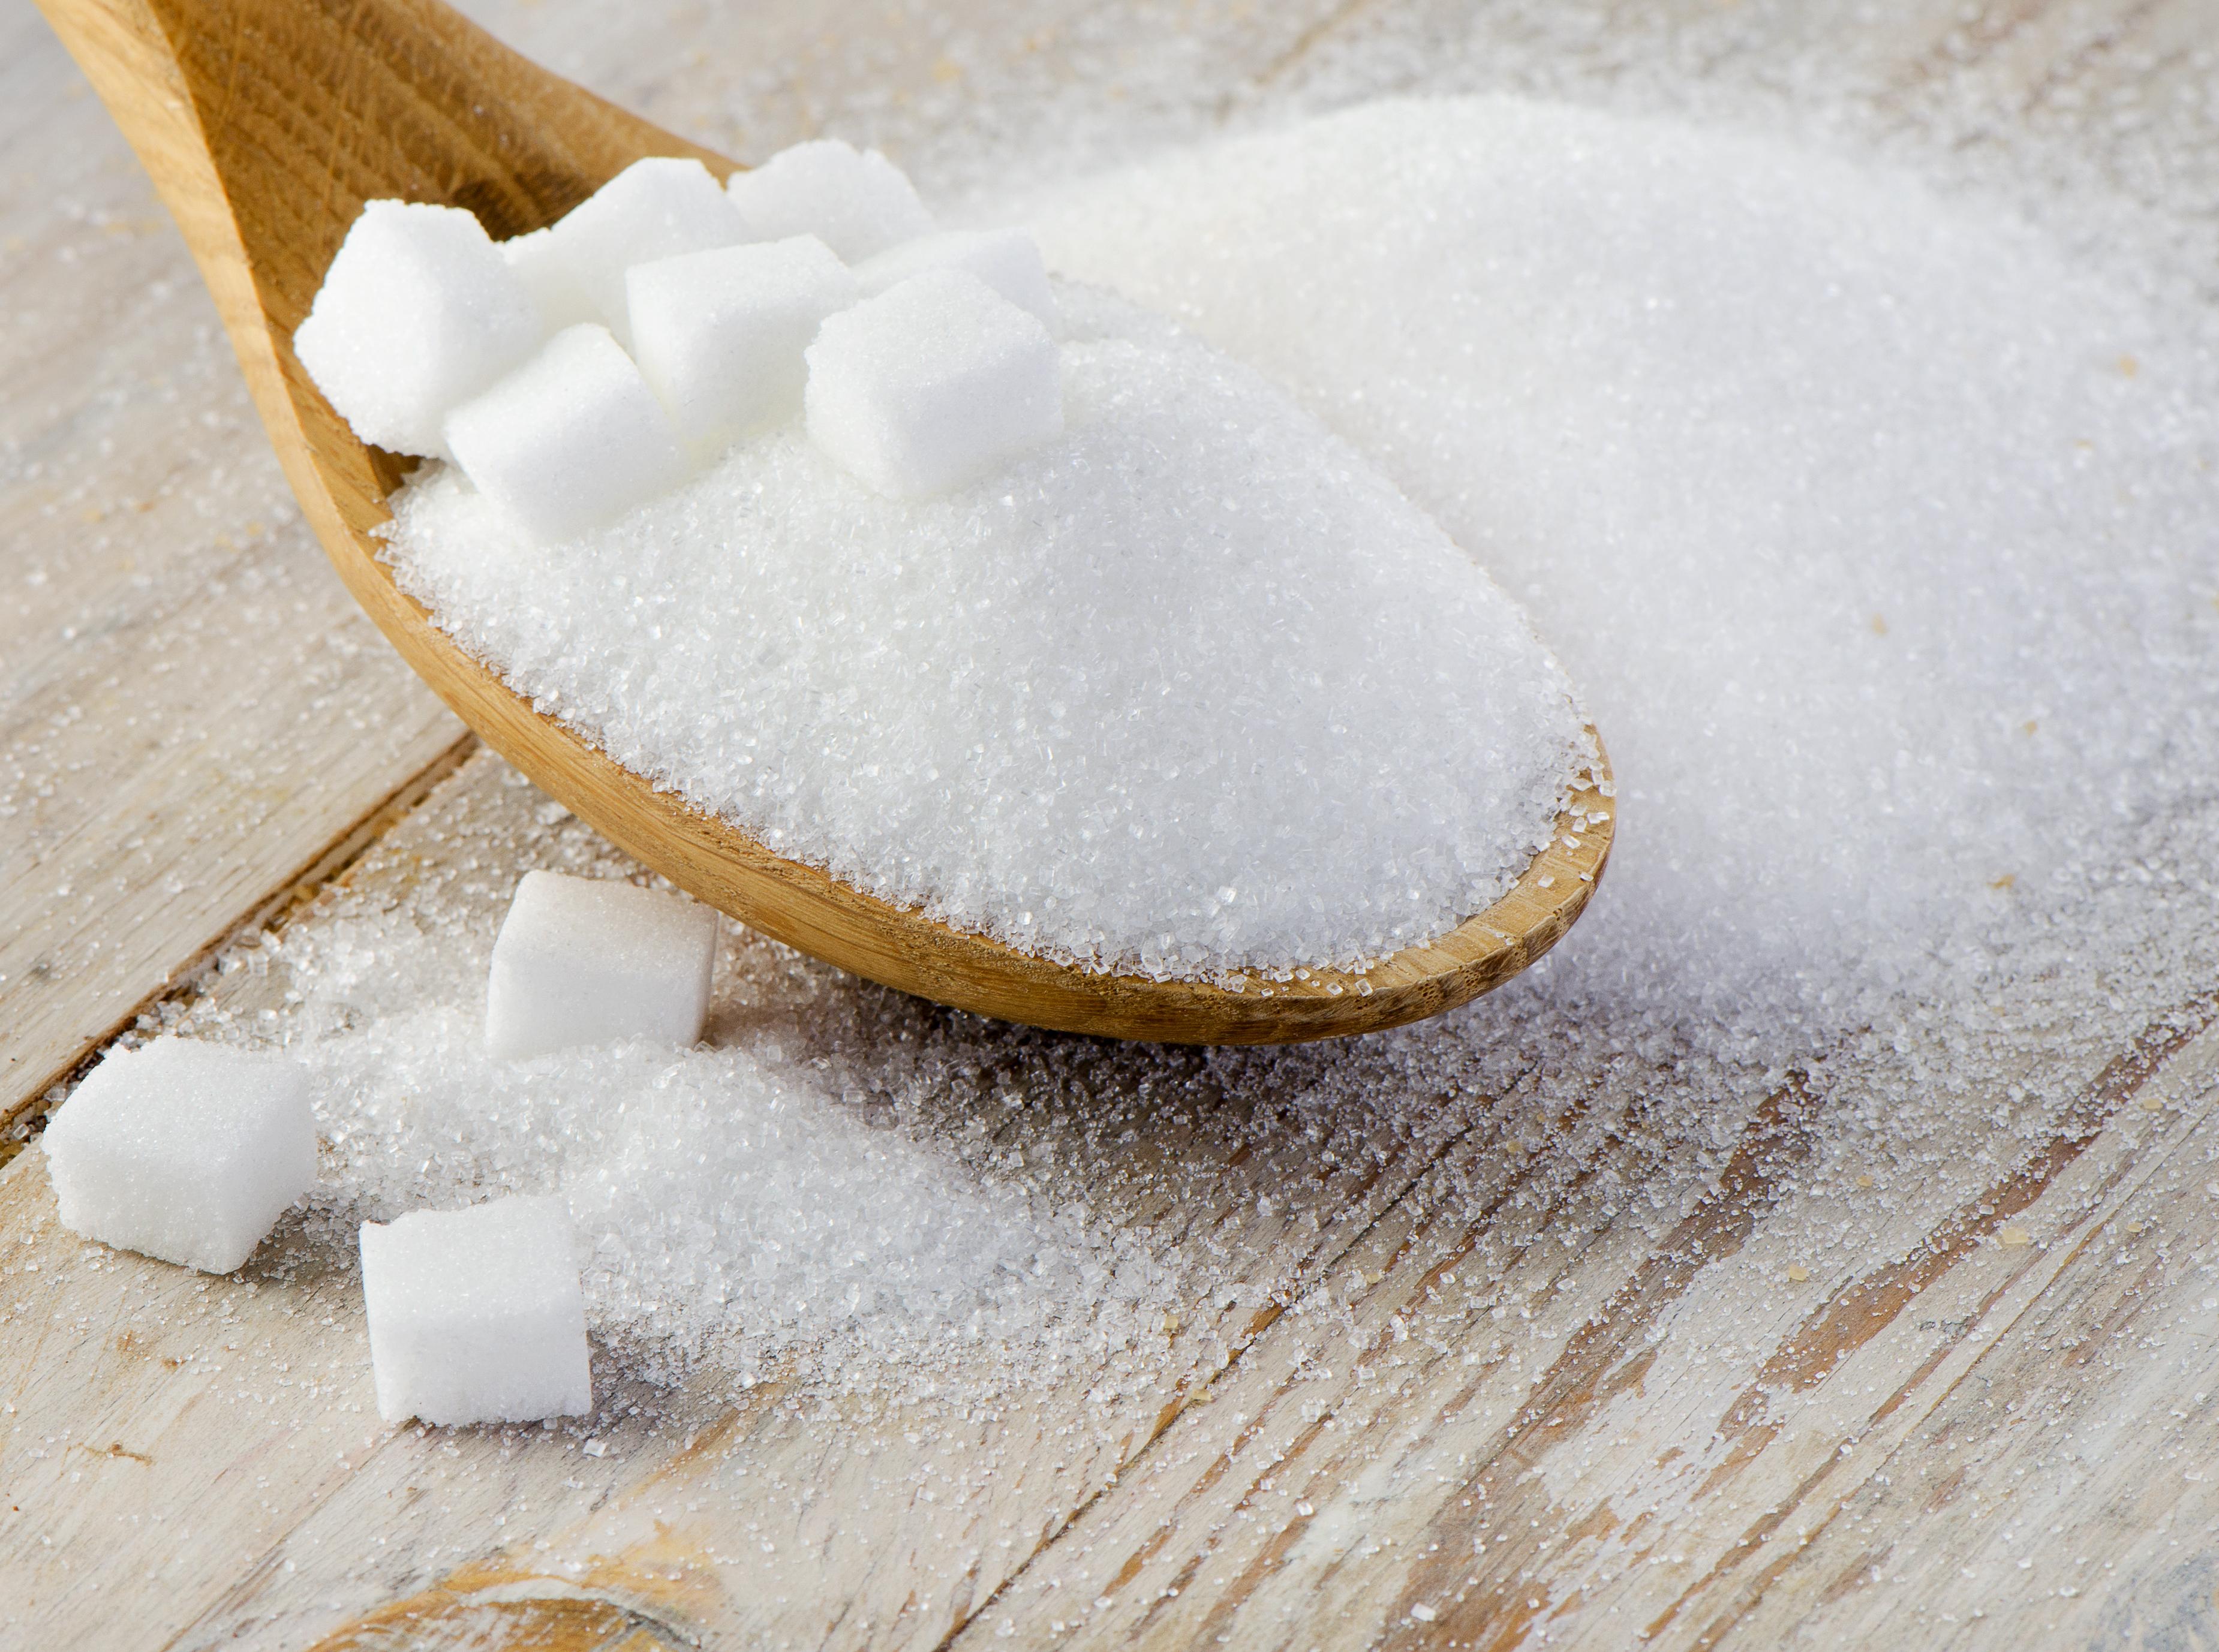 Сахар за неделю подорожал на 4,7%